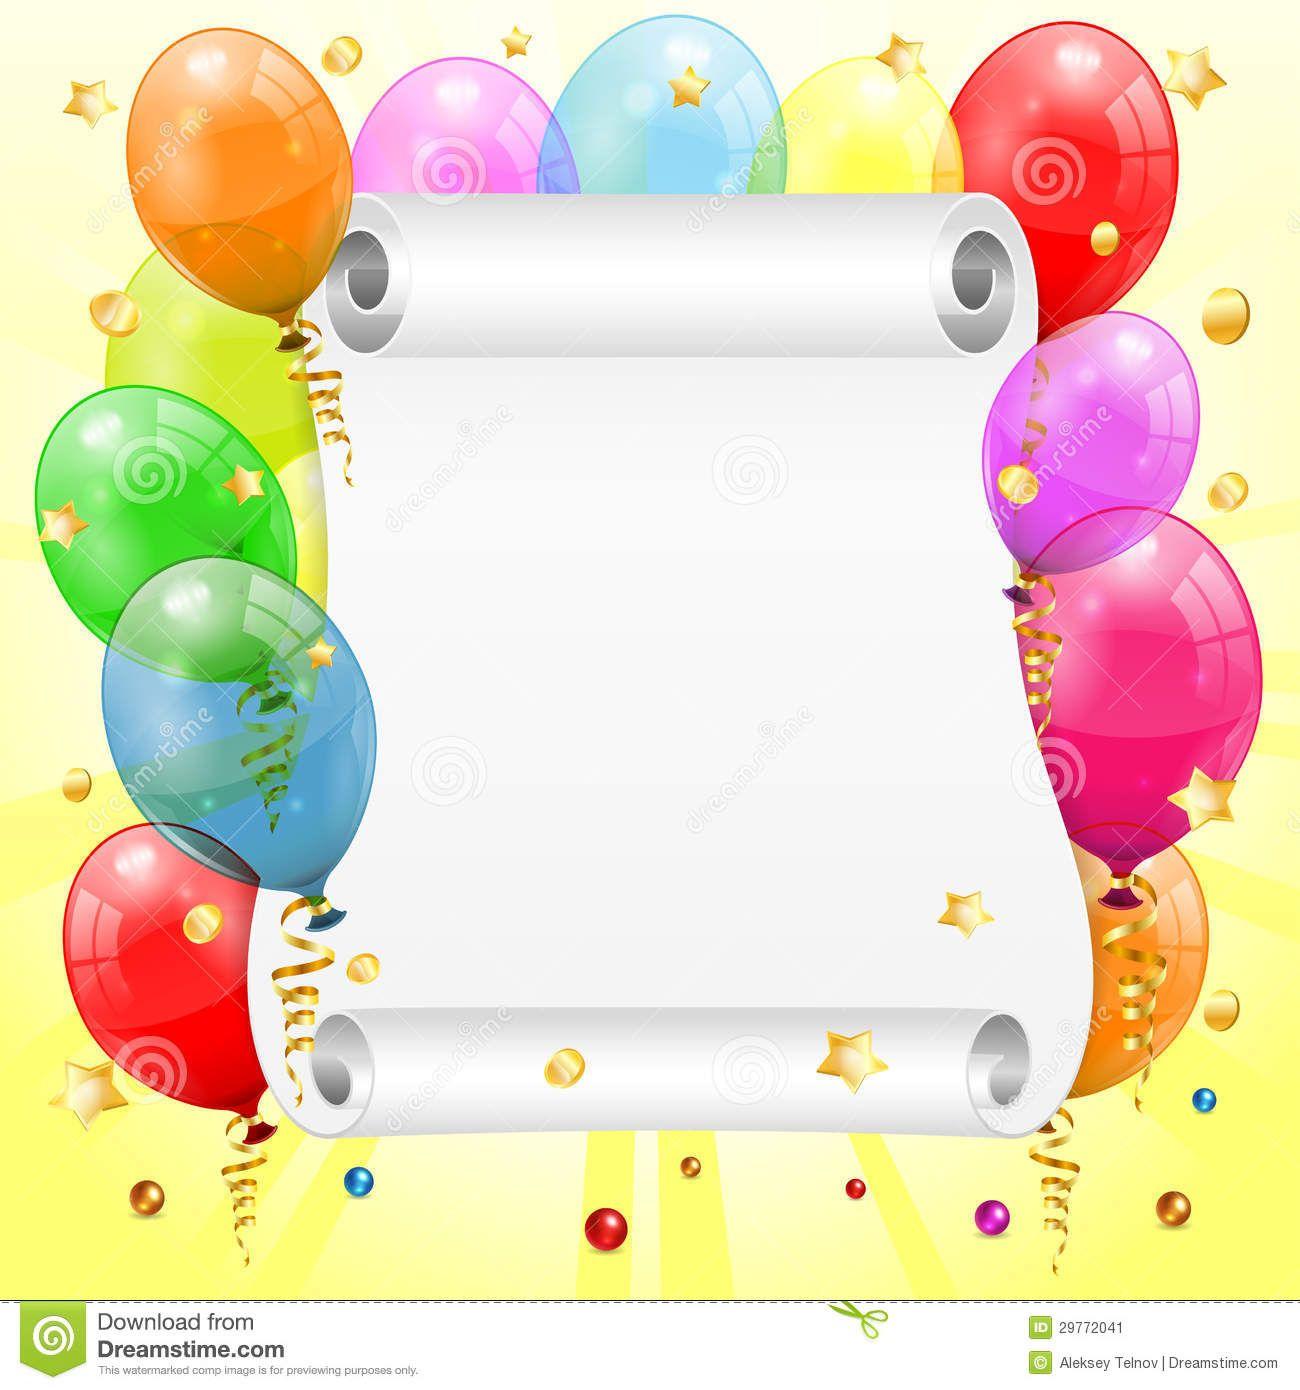 fr4kofr4ffr | Birthday | Pinterest | Bastelarbeiten, Rahmen und ...